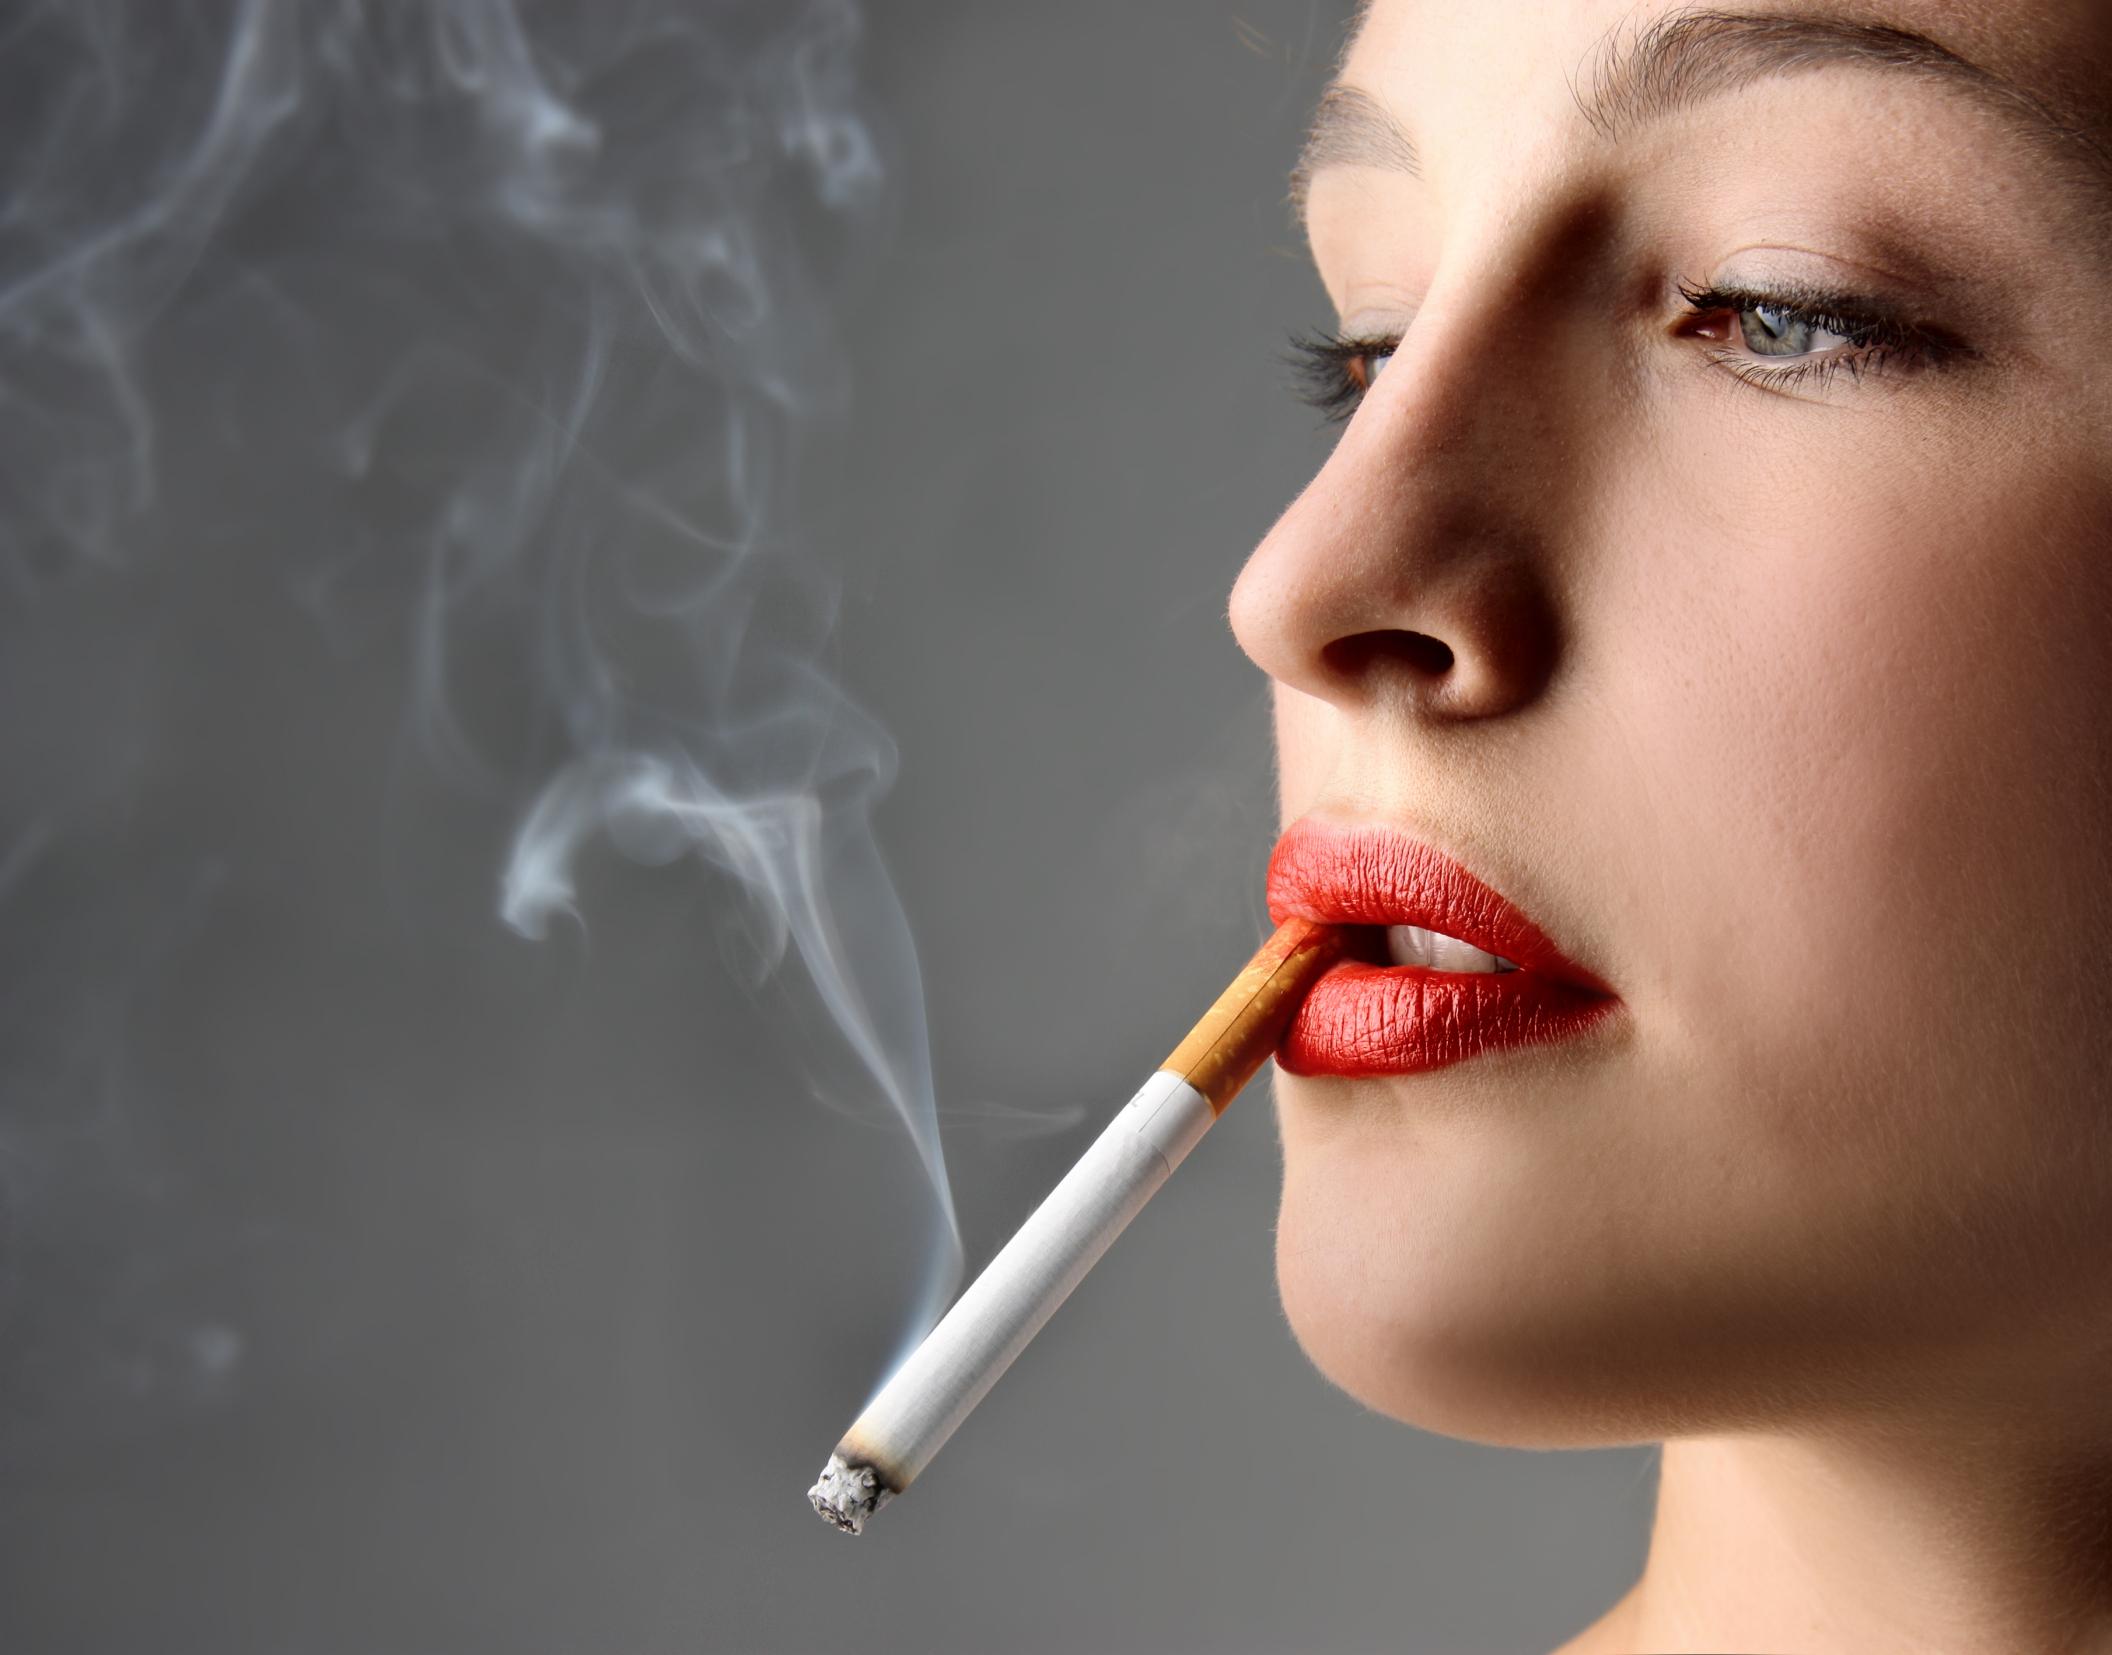 Как избавиться от табачного дыма на волосах